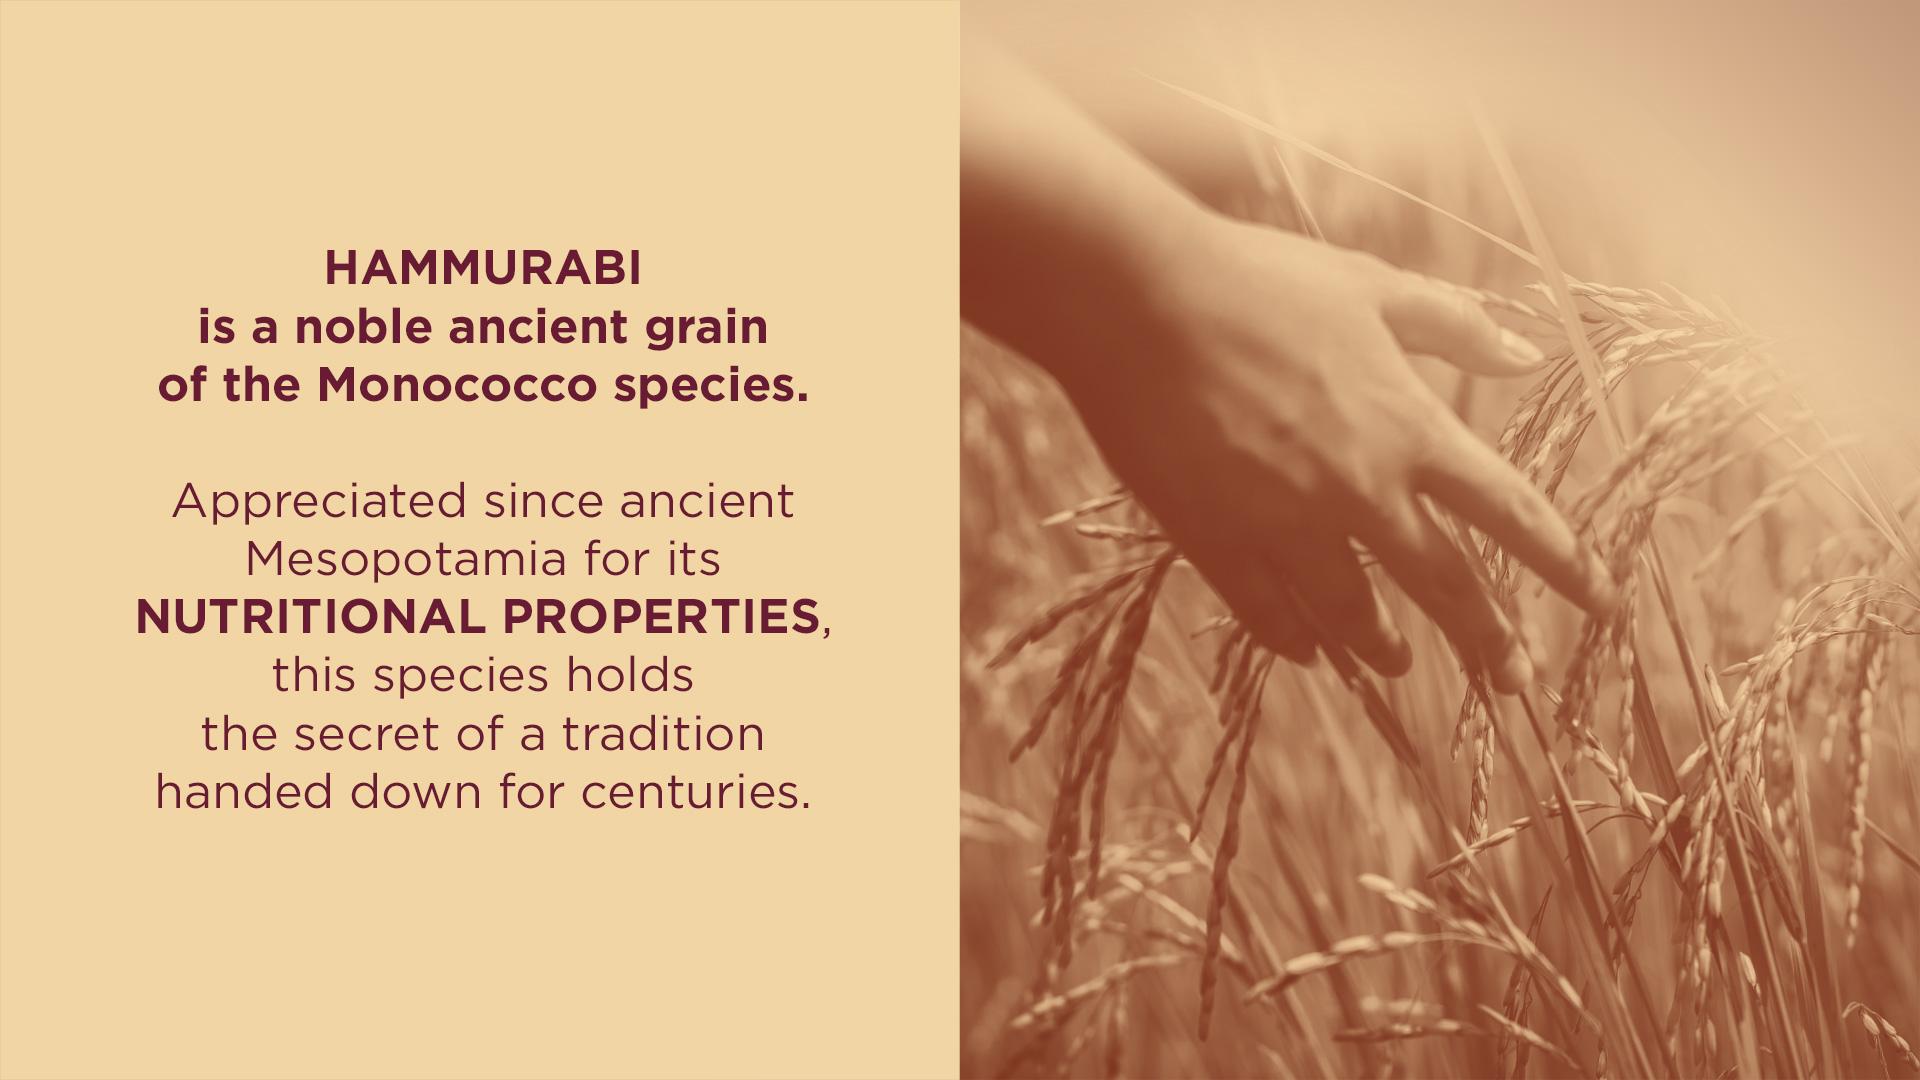 Hammurabi-Rba-Design-002